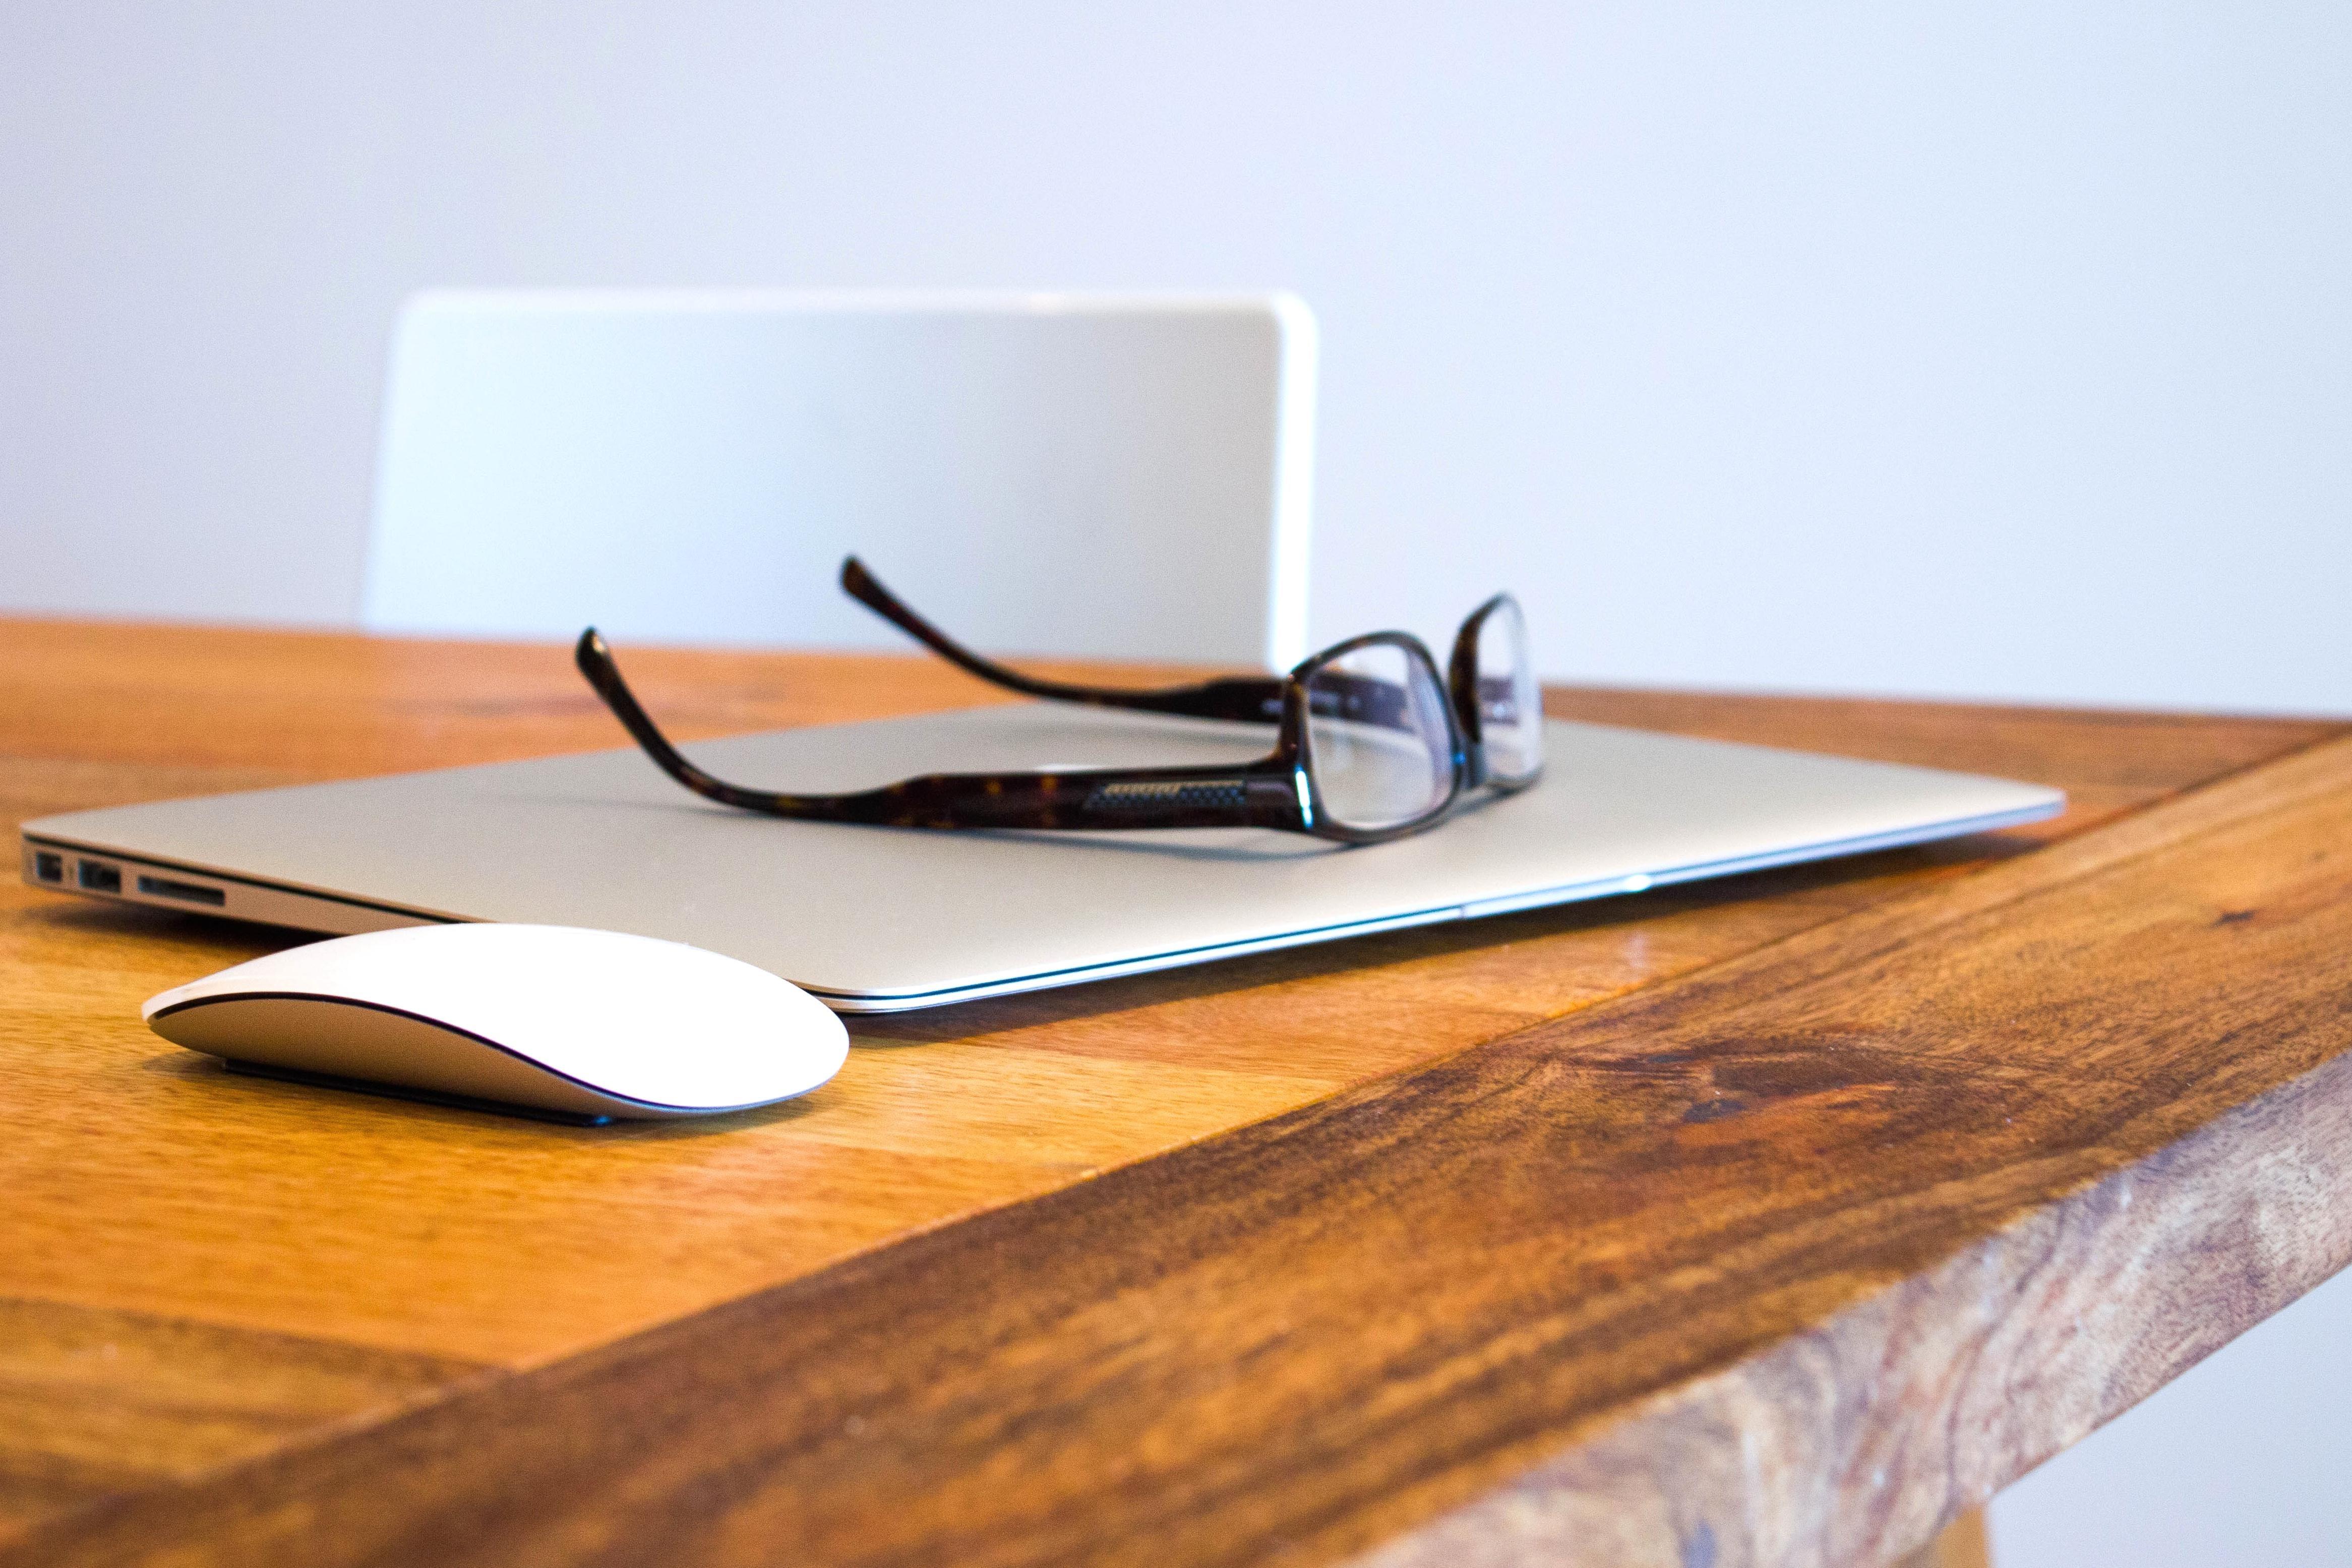 Image libre table bois bureau entreprise quipement for Equipement bureau